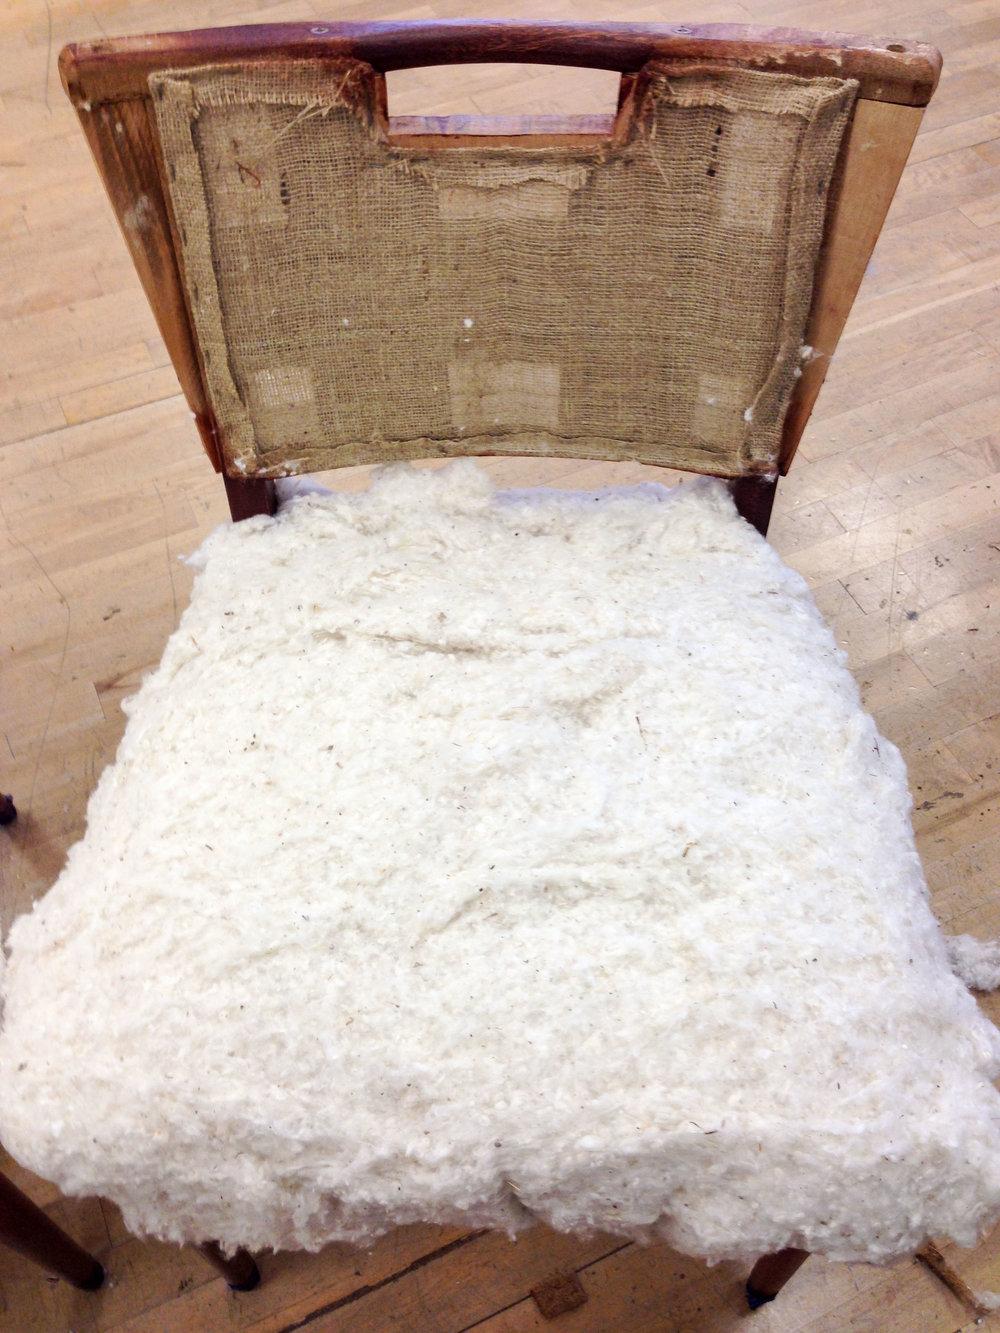 Cotton Batting fluffy wonderland!